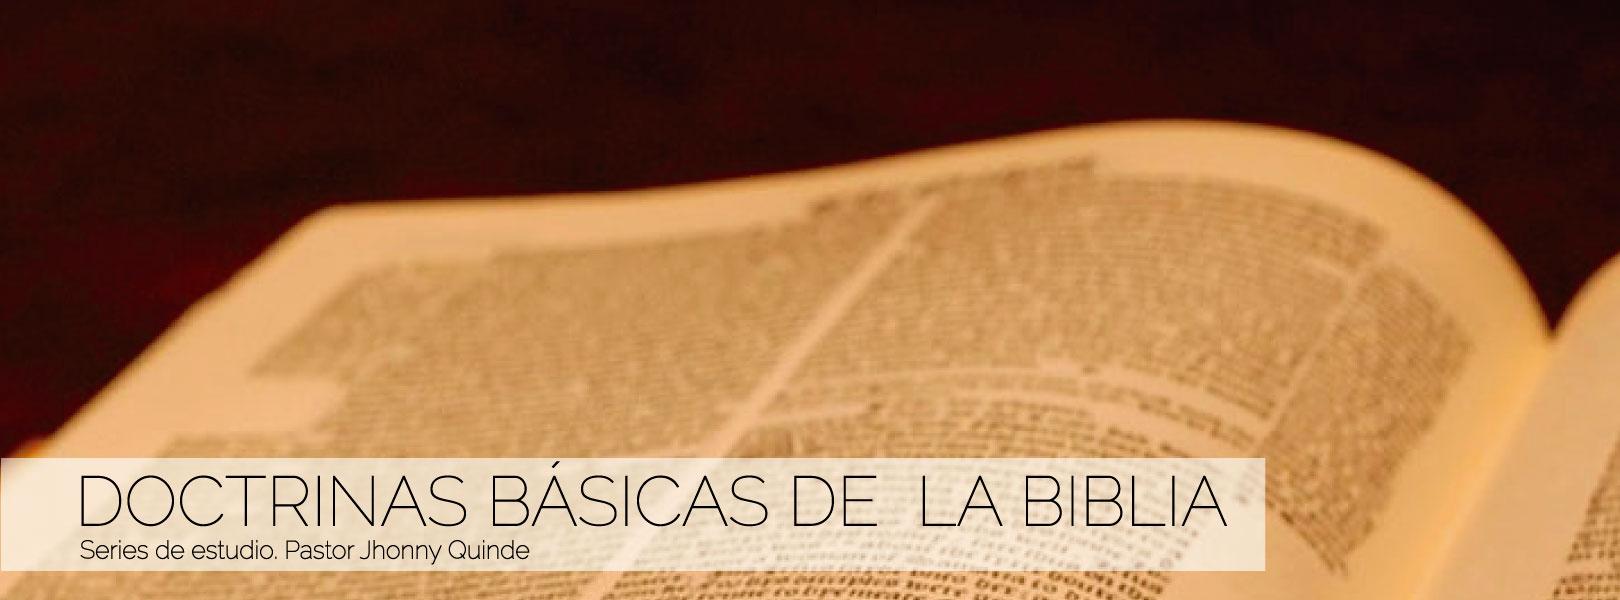 Categoría: Doctrinas básicas de la Biblia   Ministerio de